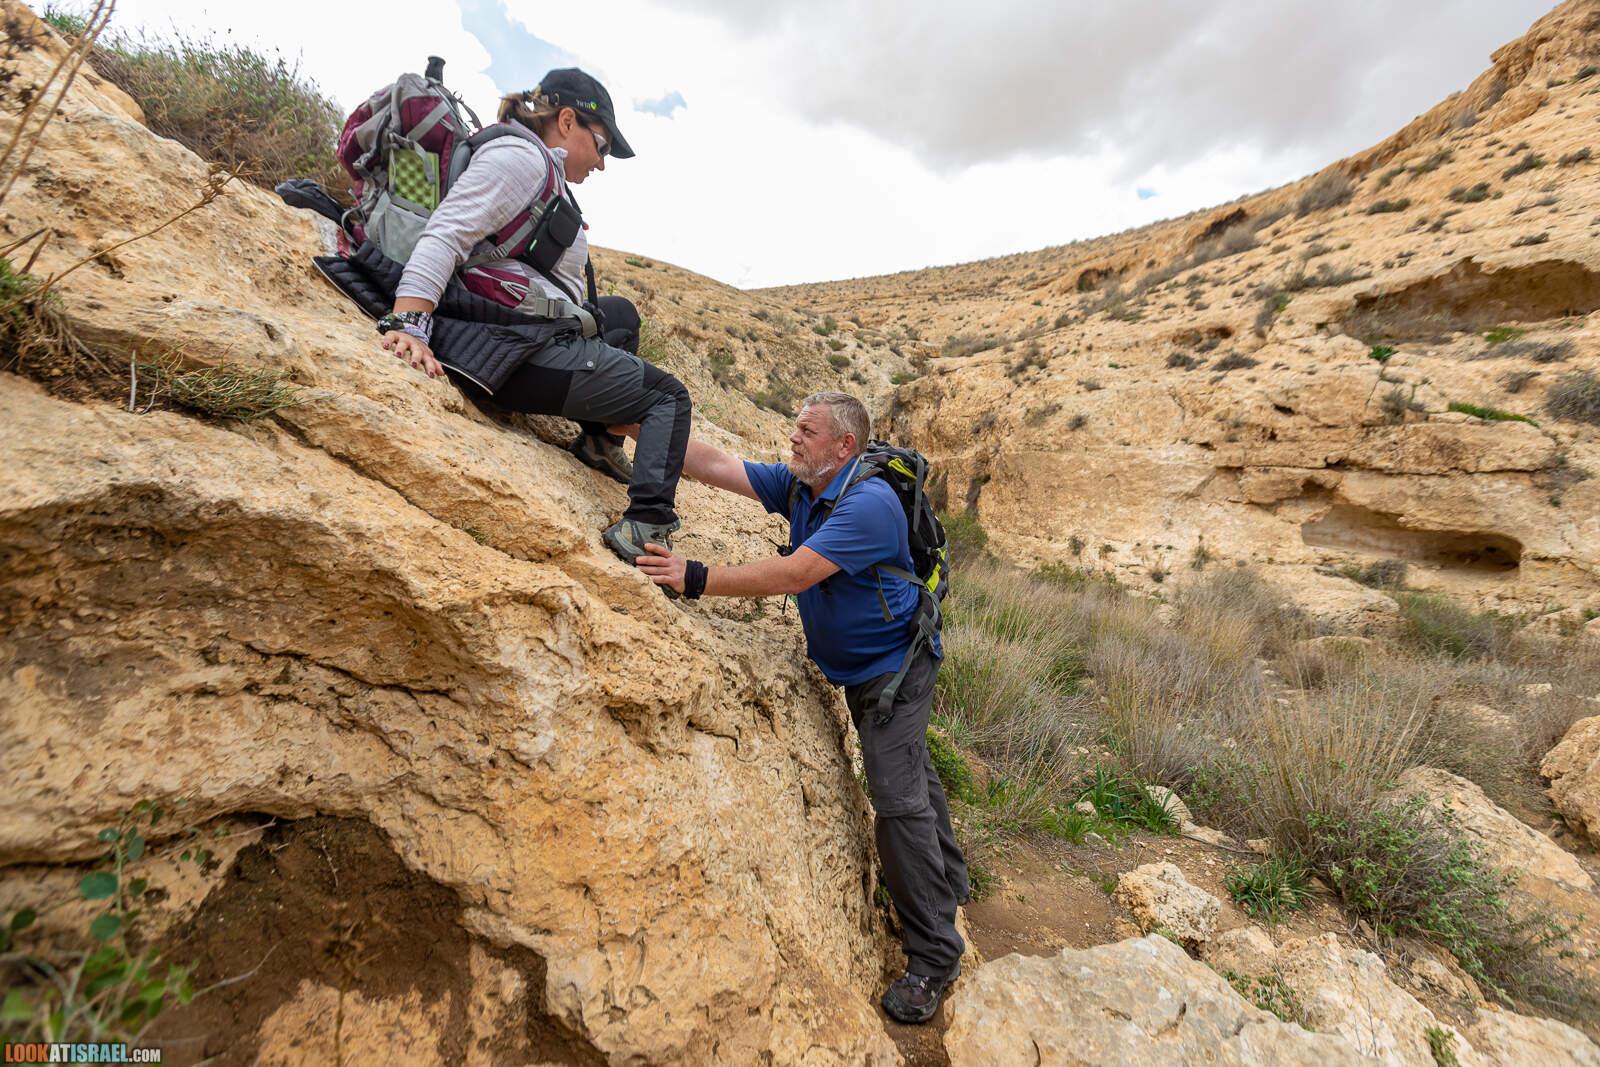 Лисье ущелье (Вади шуалим) - От Йерухама к большому махтешу | נחל שועלים |  LookAtIsrael.com - Фото путешествия по Израилю